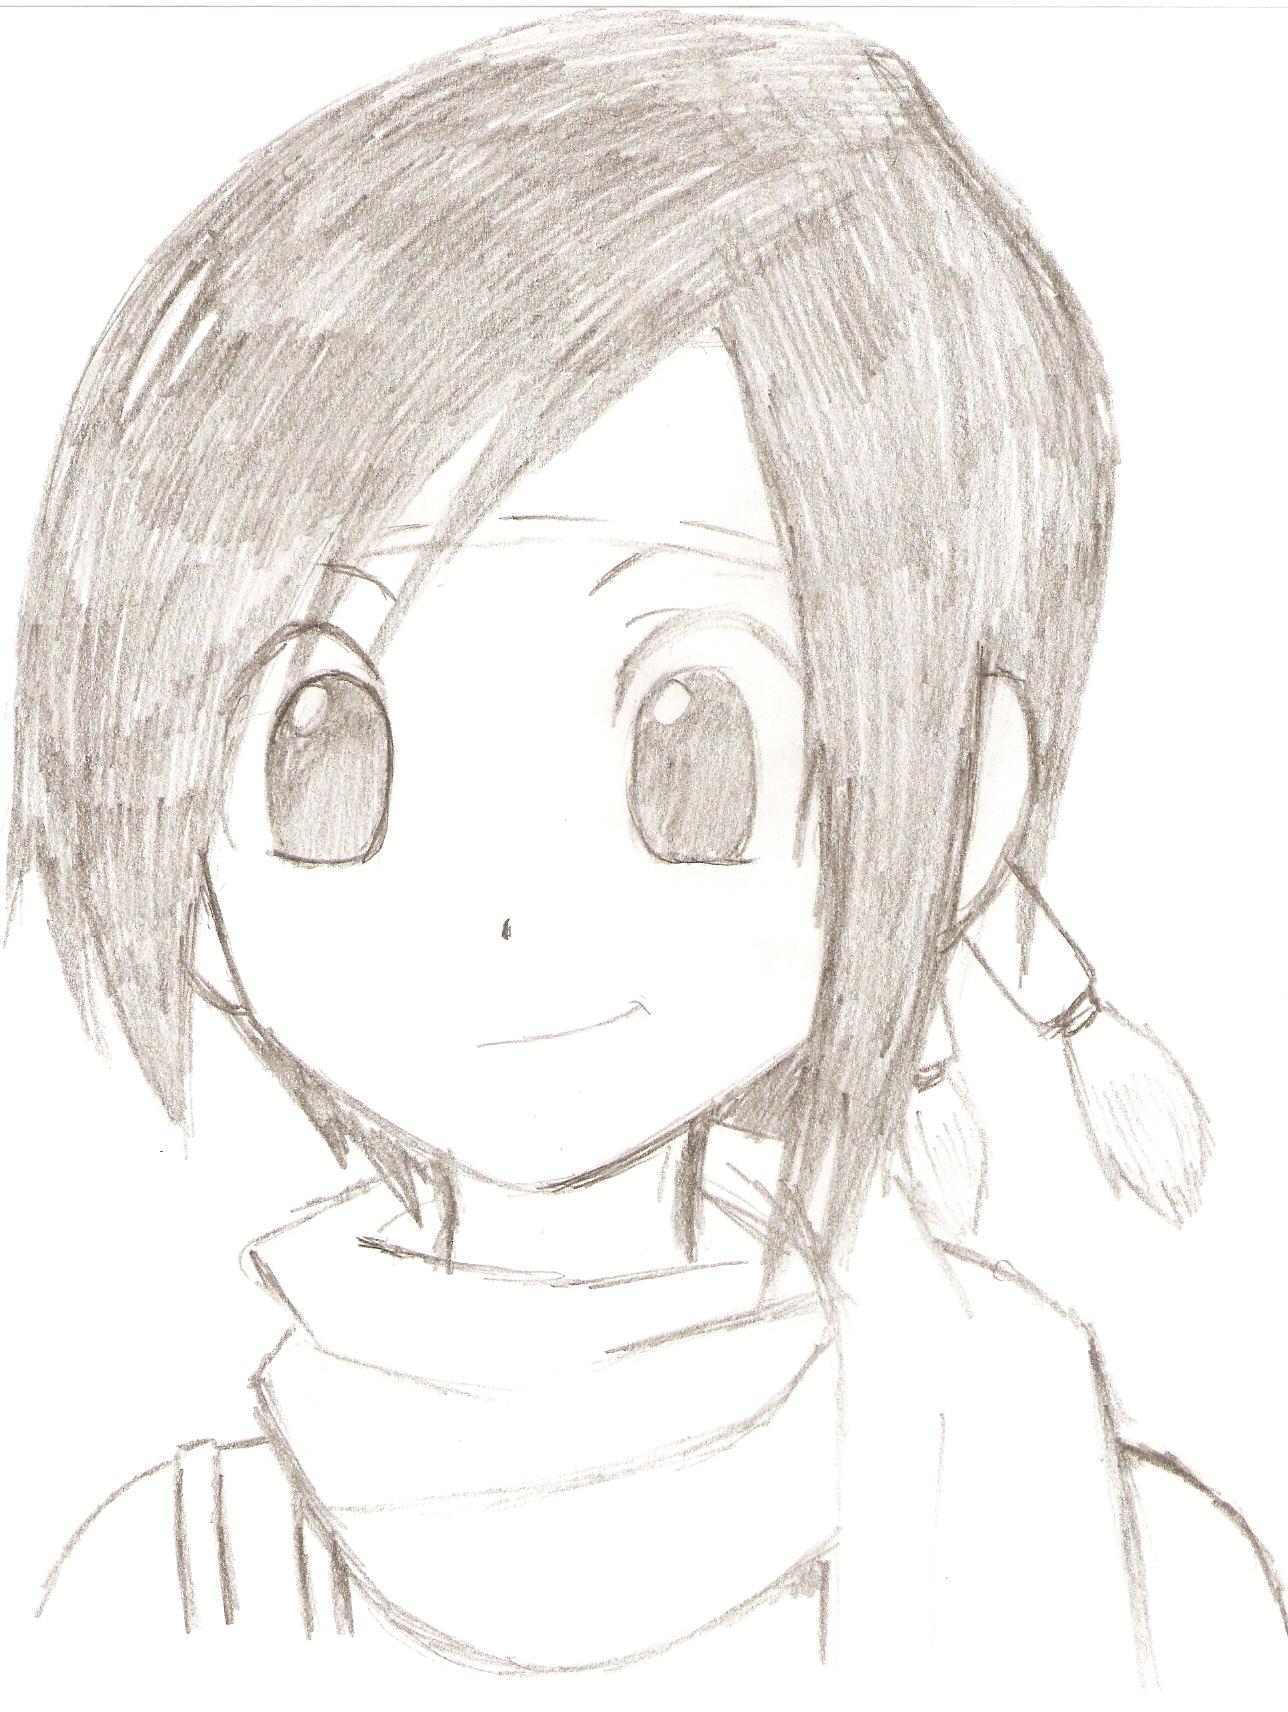 Yuffie by darkmoogle121